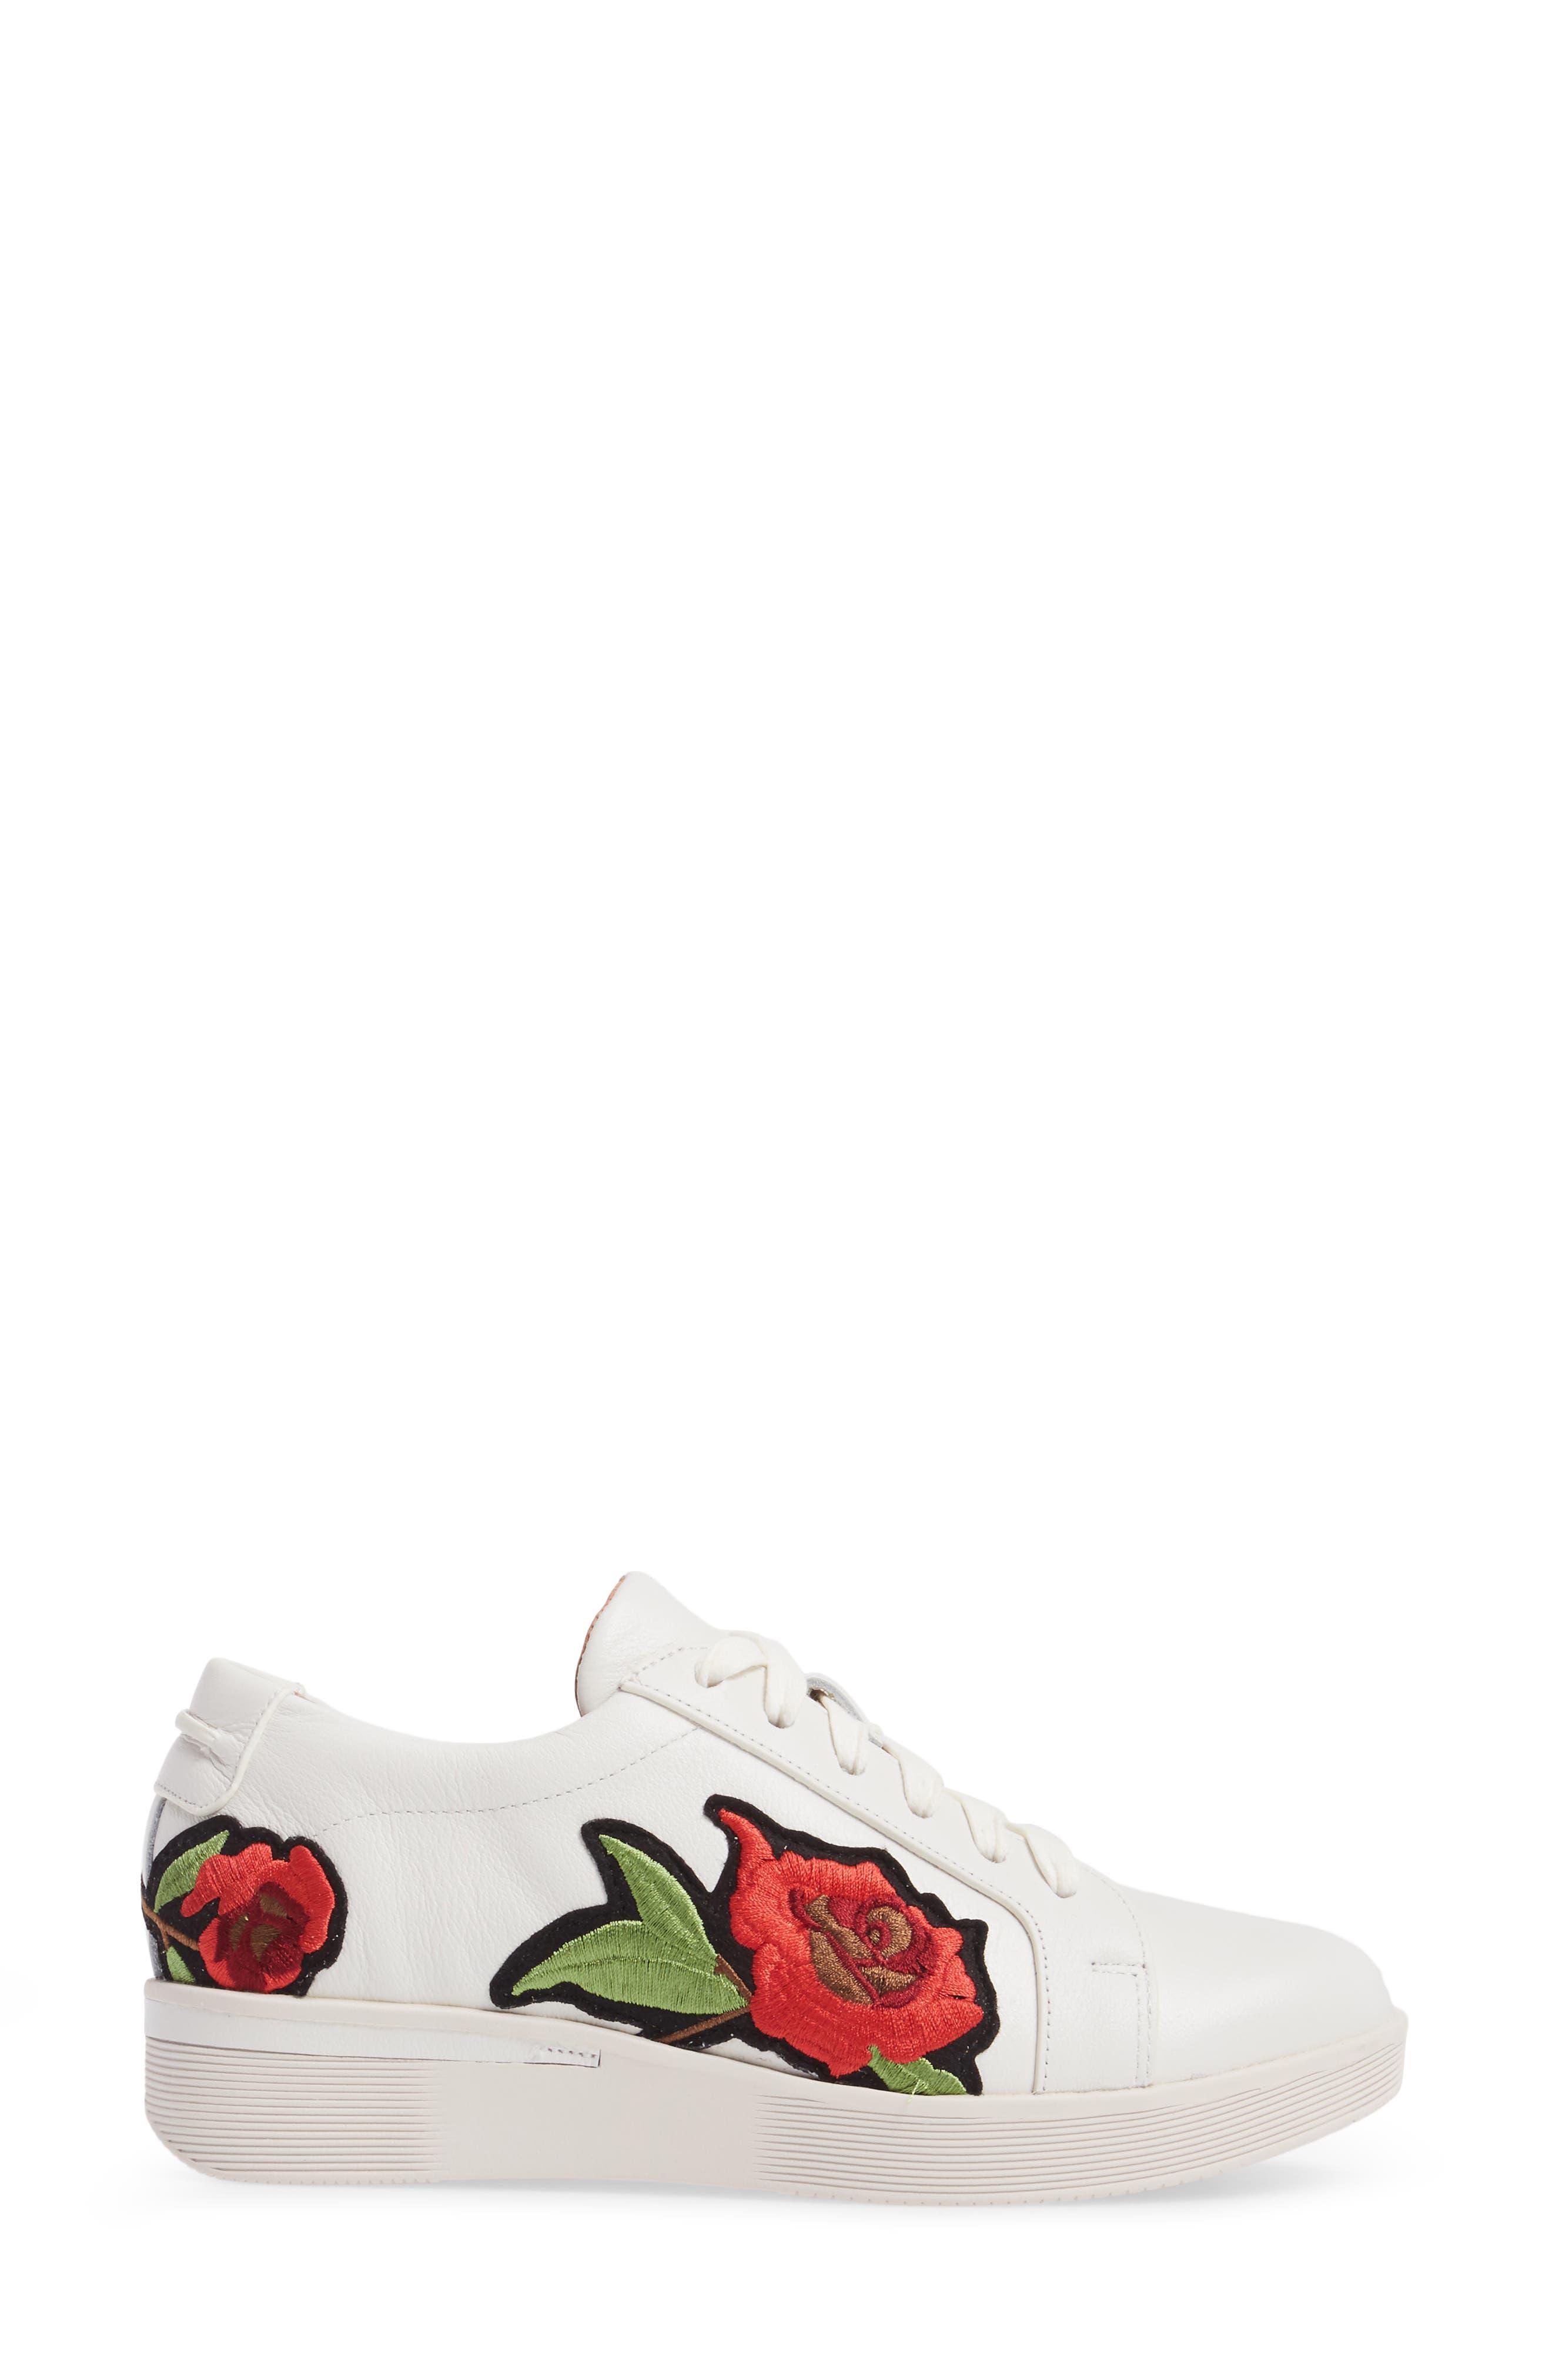 Gentle Soles Haddie Rose Sneaker,                             Alternate thumbnail 3, color,                             110